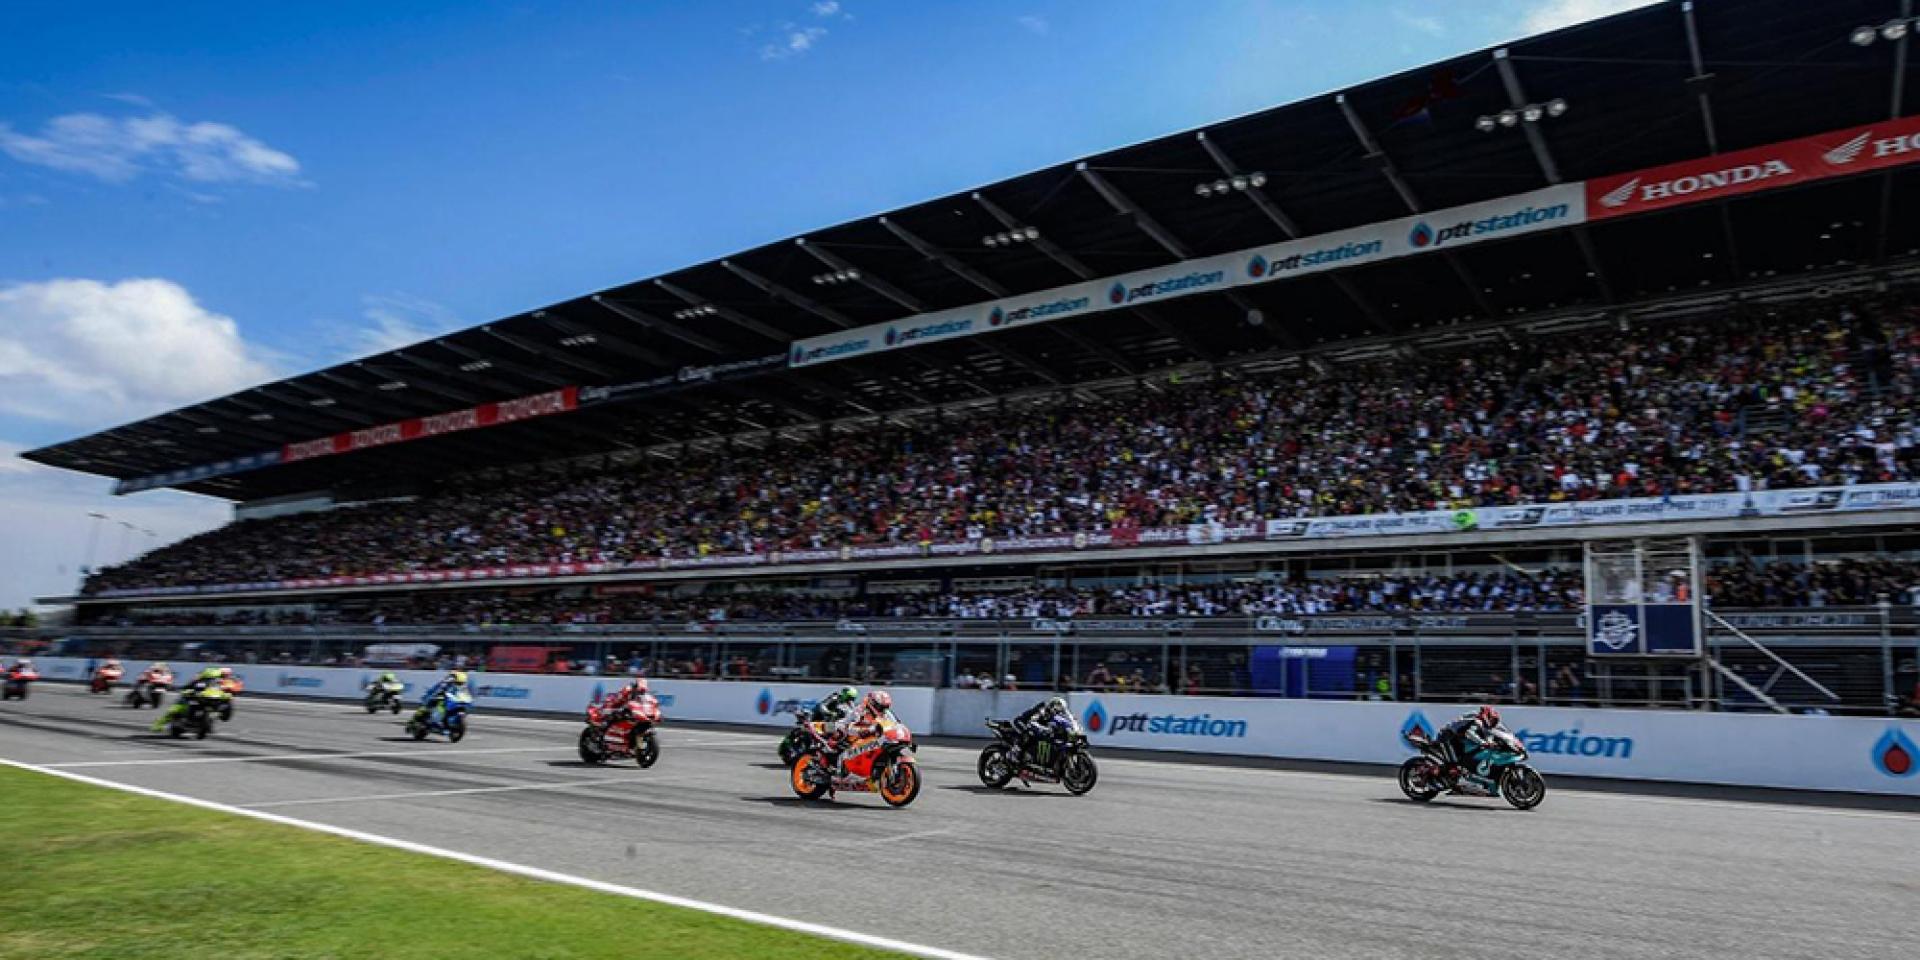 肺炎疫情衝擊MotoGP,泰國站宣布無限延期!